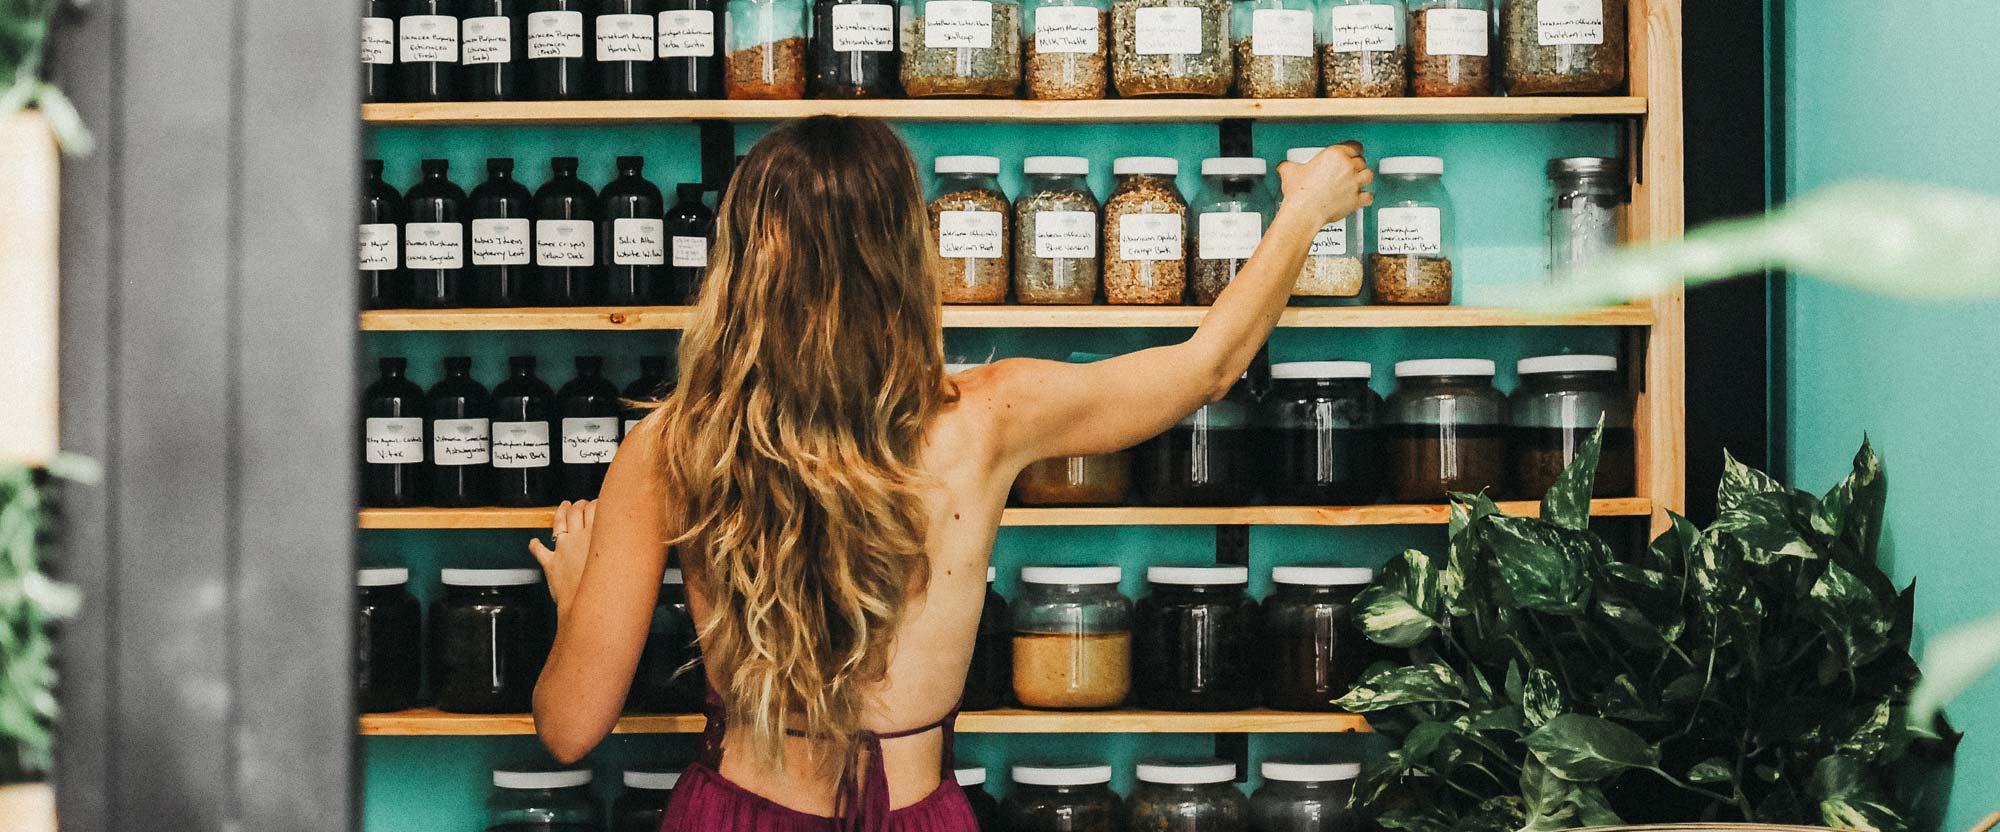 Design, Shopify Development, E-Commerce - Matriarch Herbs